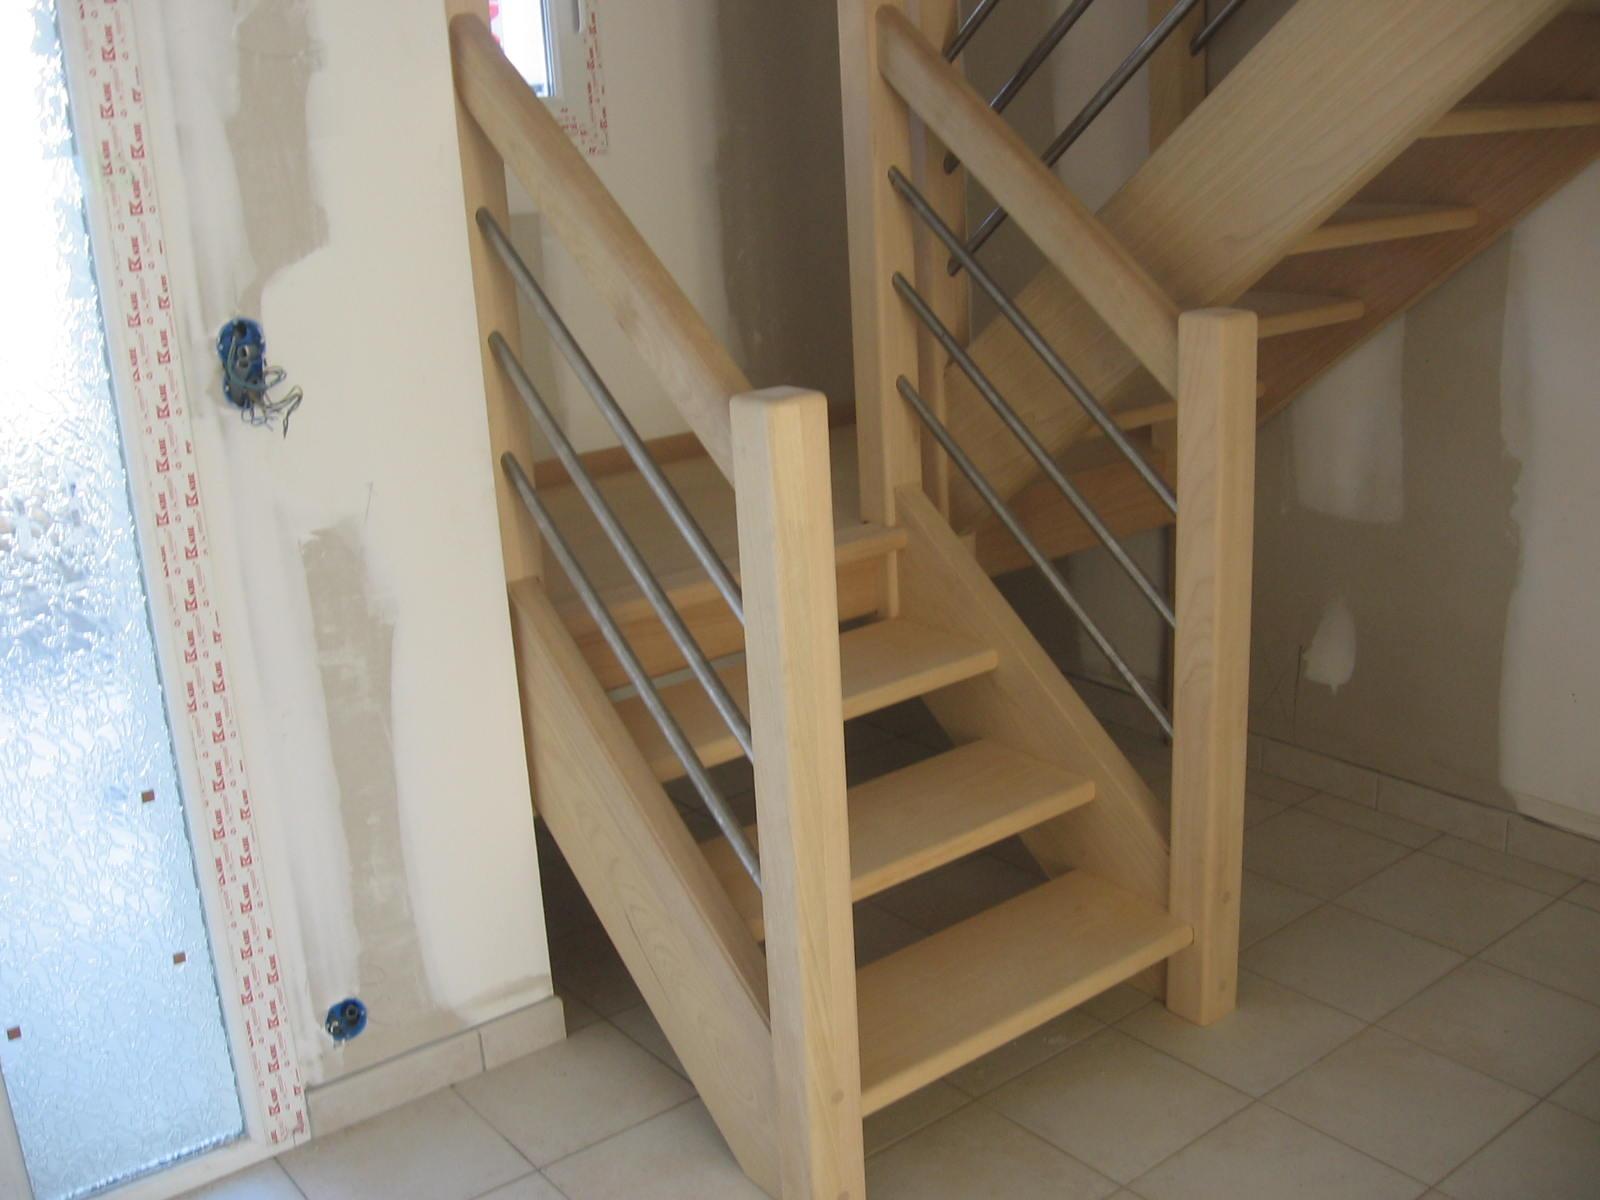 Peinture pour escalier bois exotique for Peinture pour escalier bois